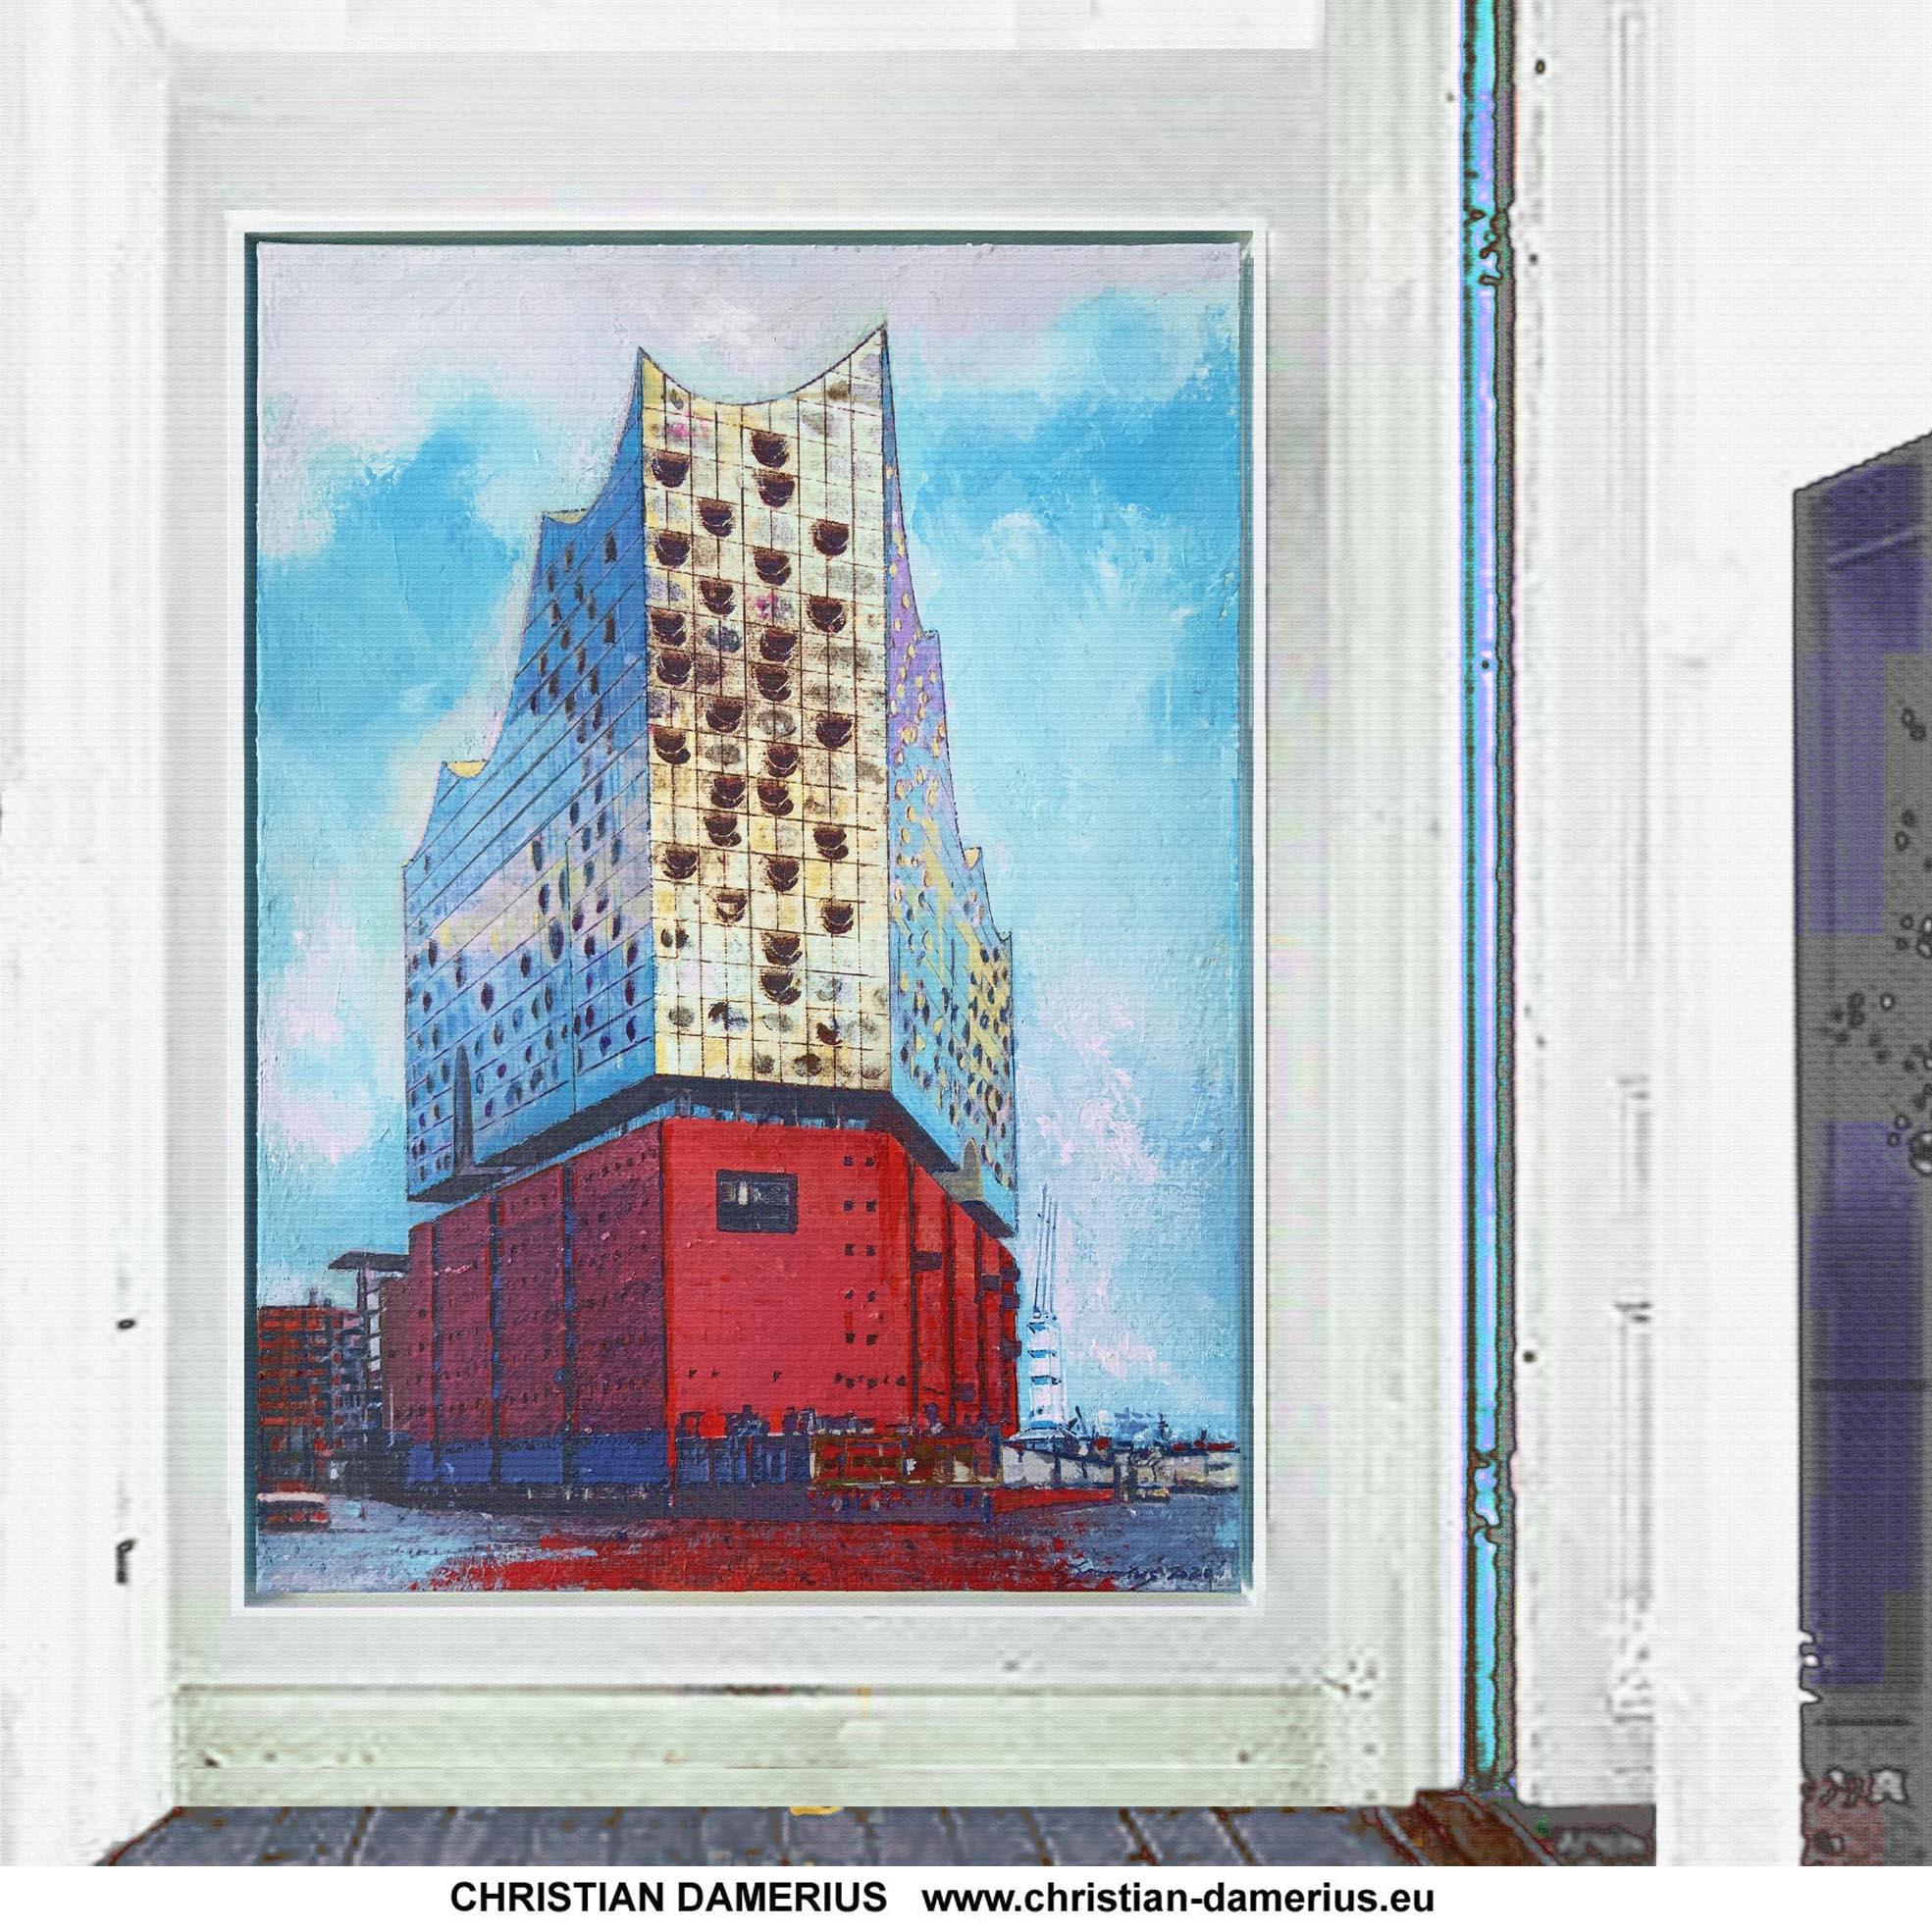 moderne architektur in hamburg,elbphilharmonie,musiksaal,speicher hamburg,moderne malerei kaufen,moderne gemälde kaufen,kunstdrucke elbphilharmonie,